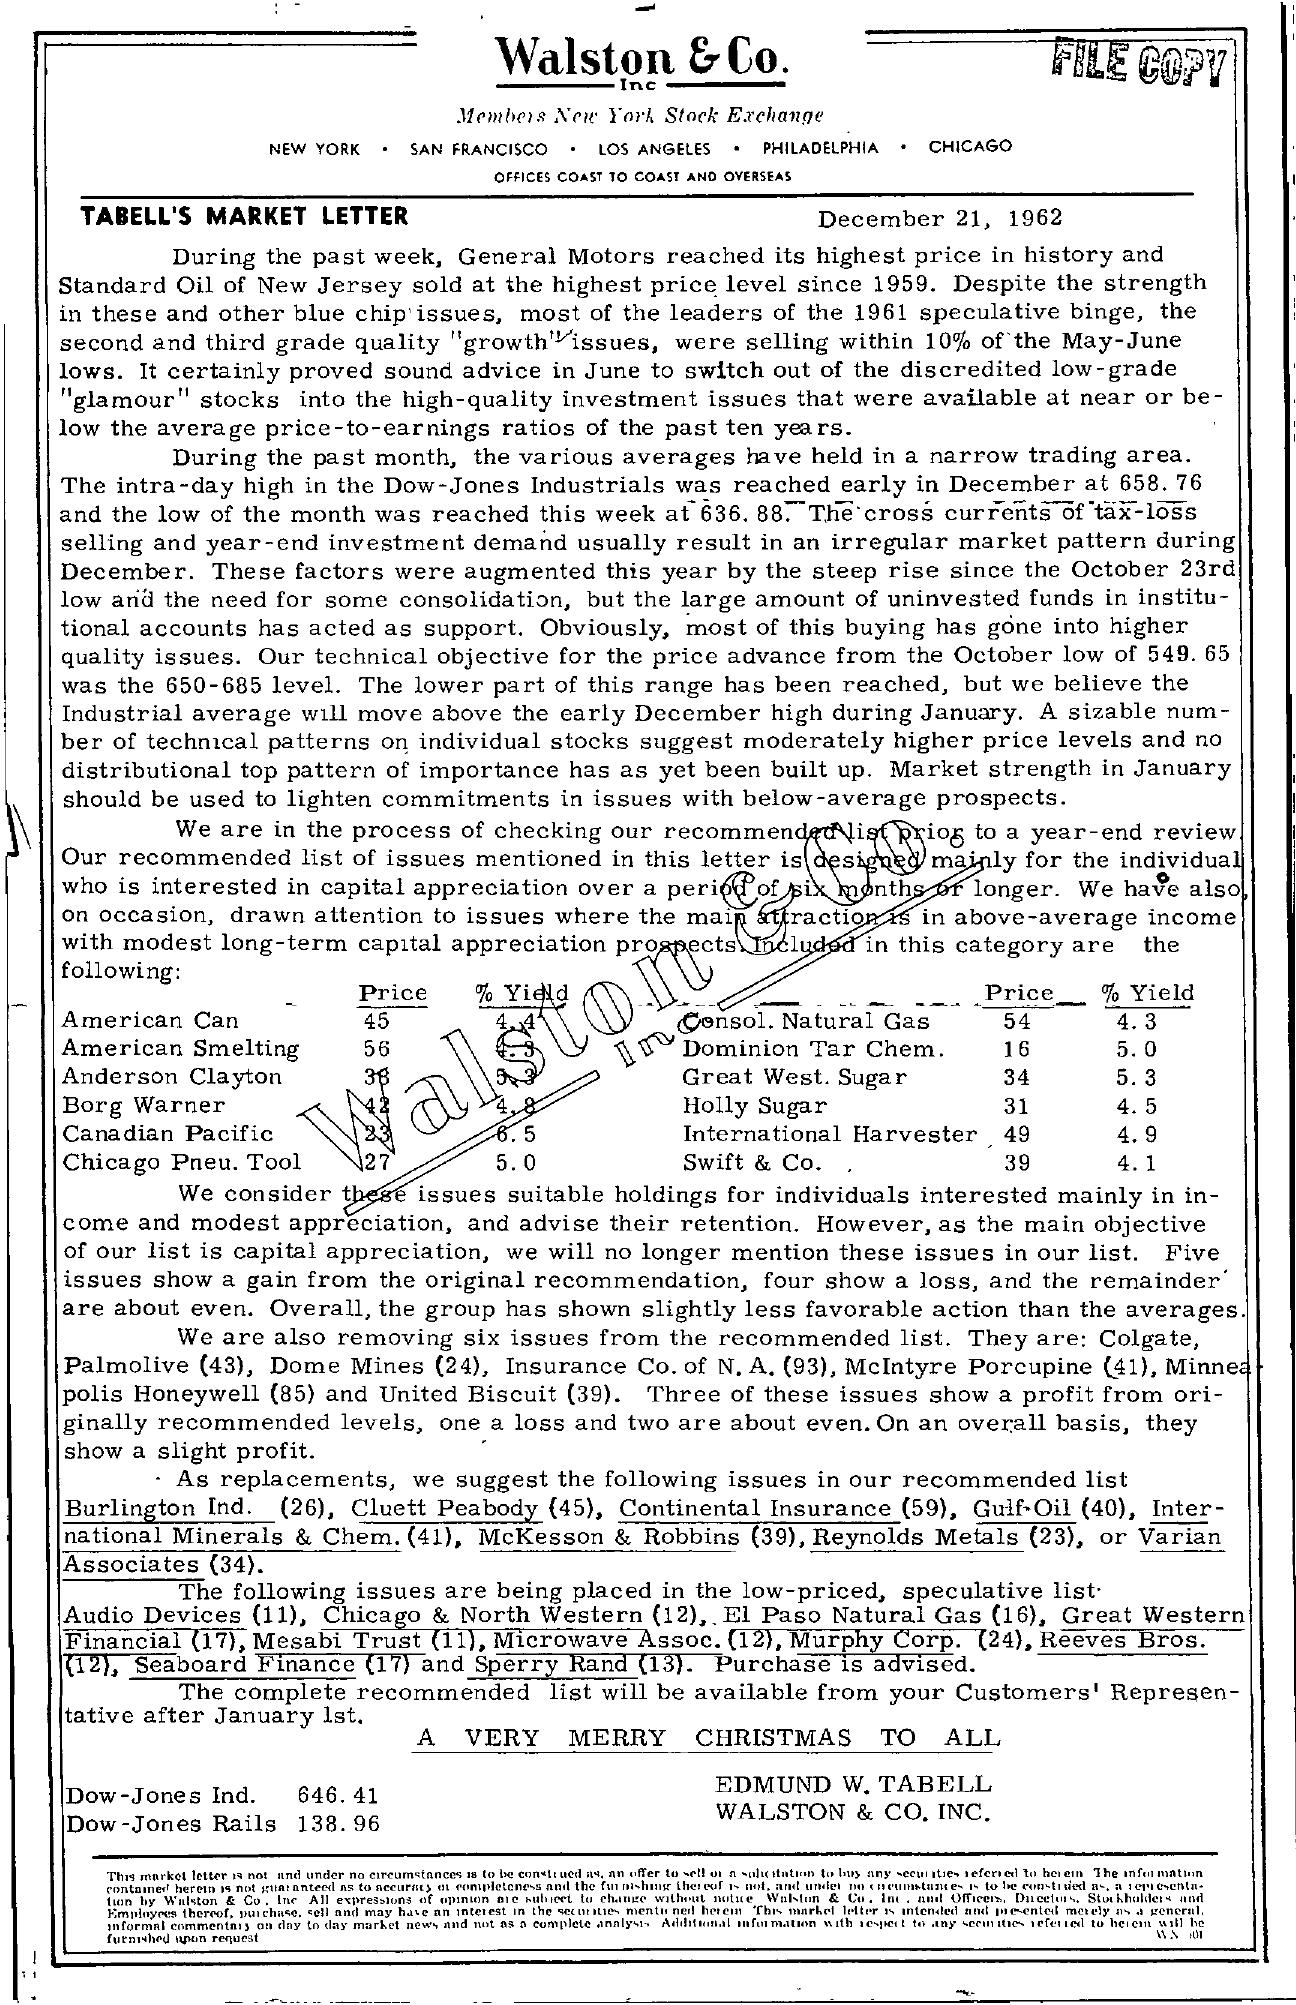 Tabell's Market Letter - December 21, 1962